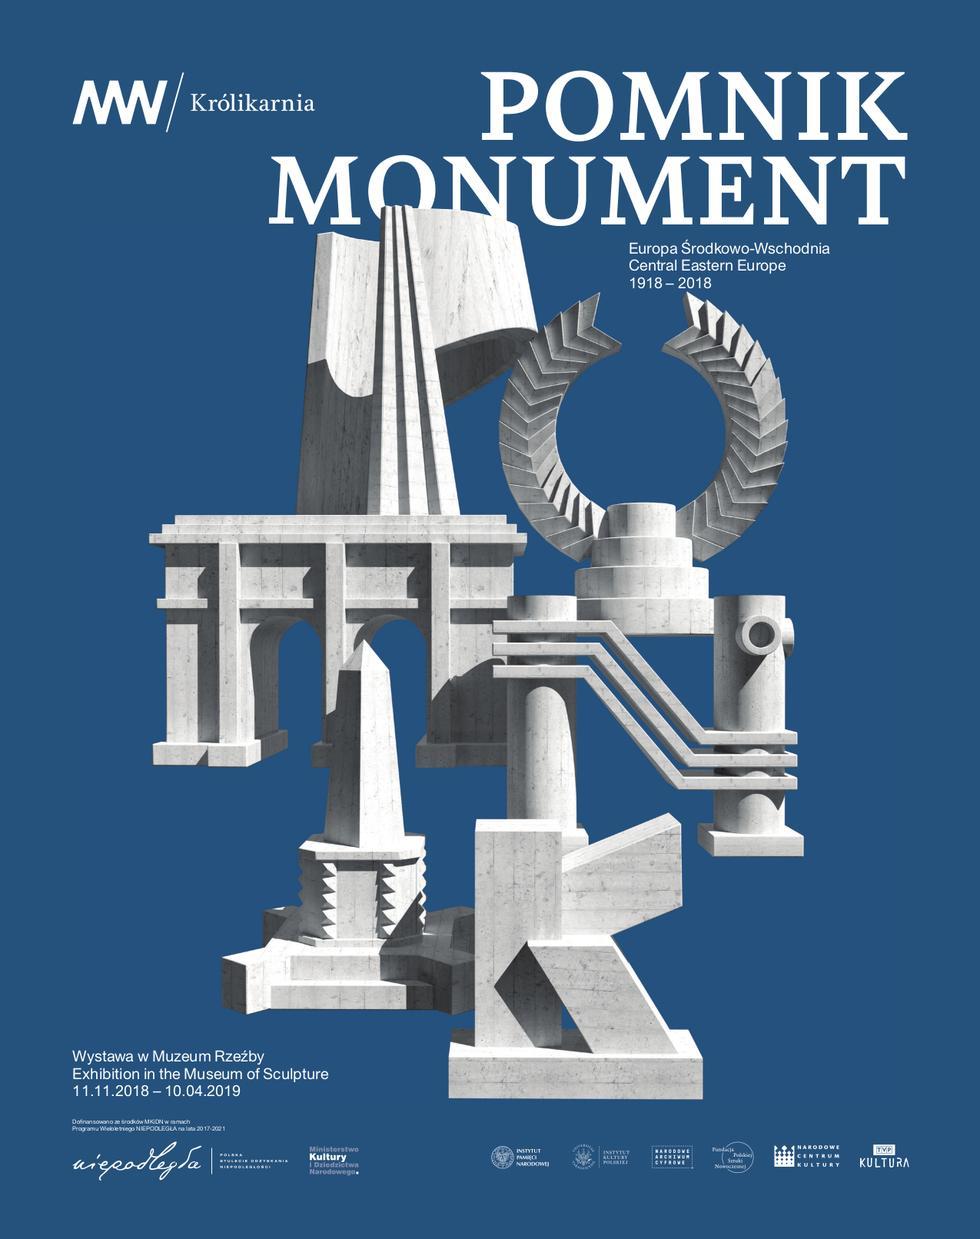 Sladem warszawskich pomników